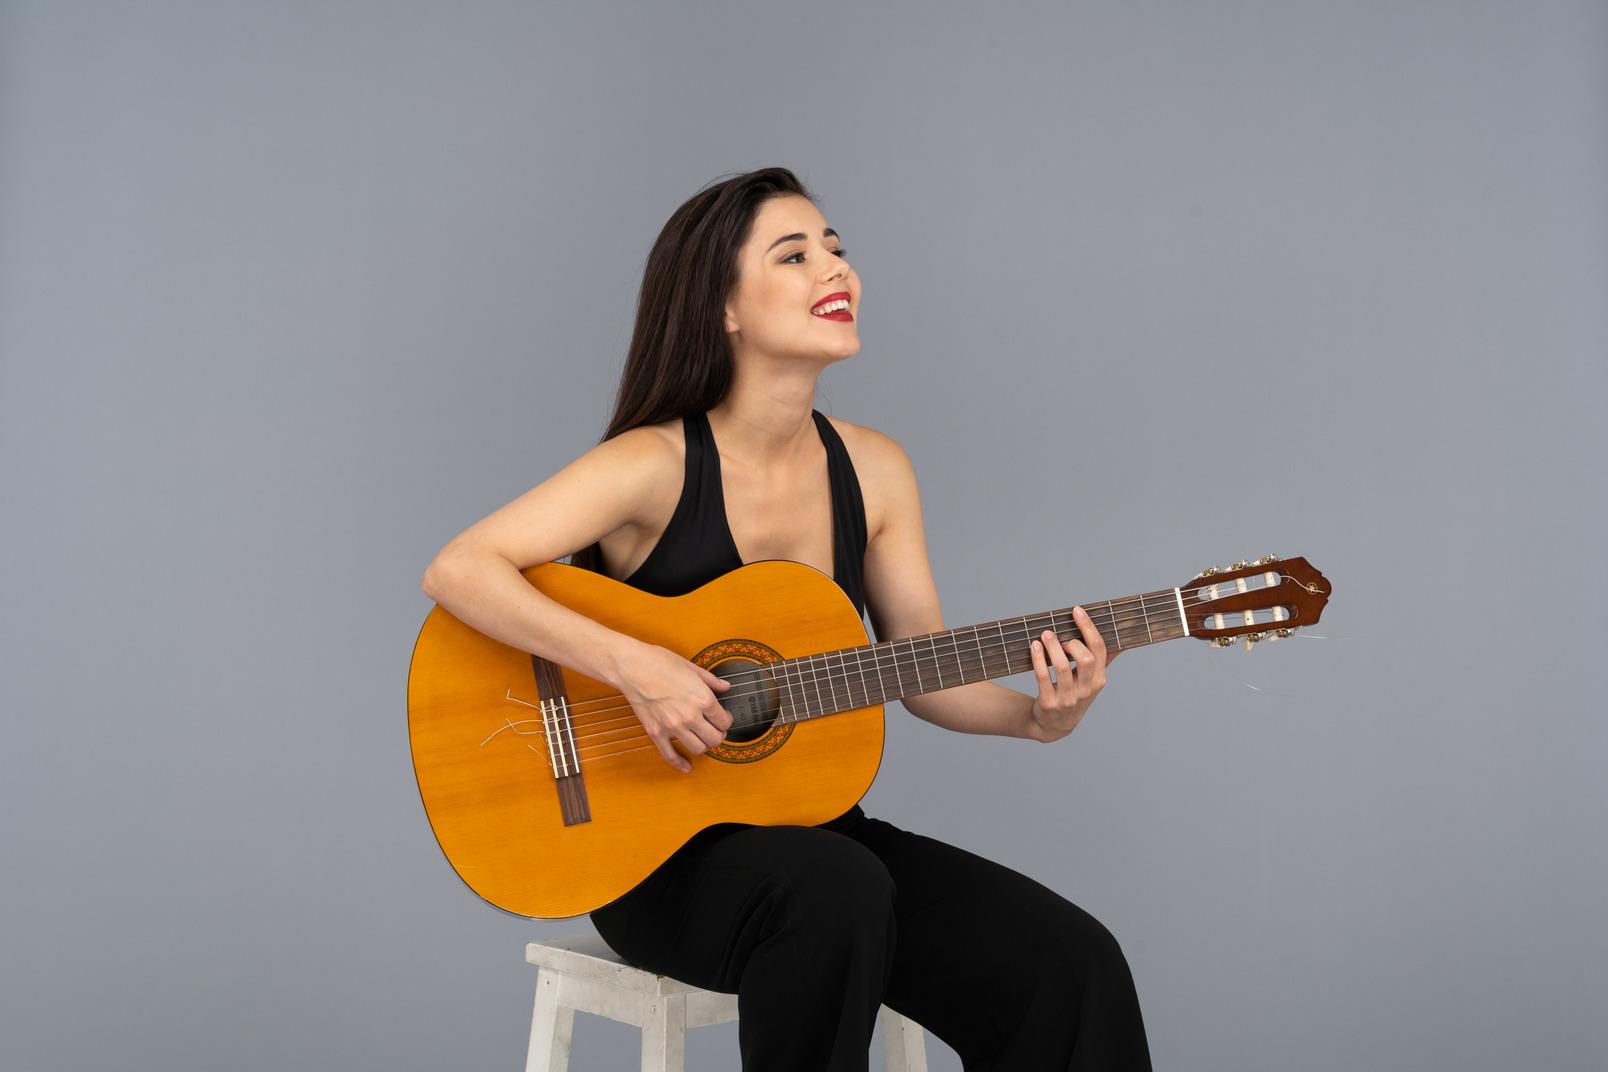 Dreiviertelansicht einer sitzenden lächelnden jungen dame im schwarzen anzug, der gitarre spielt